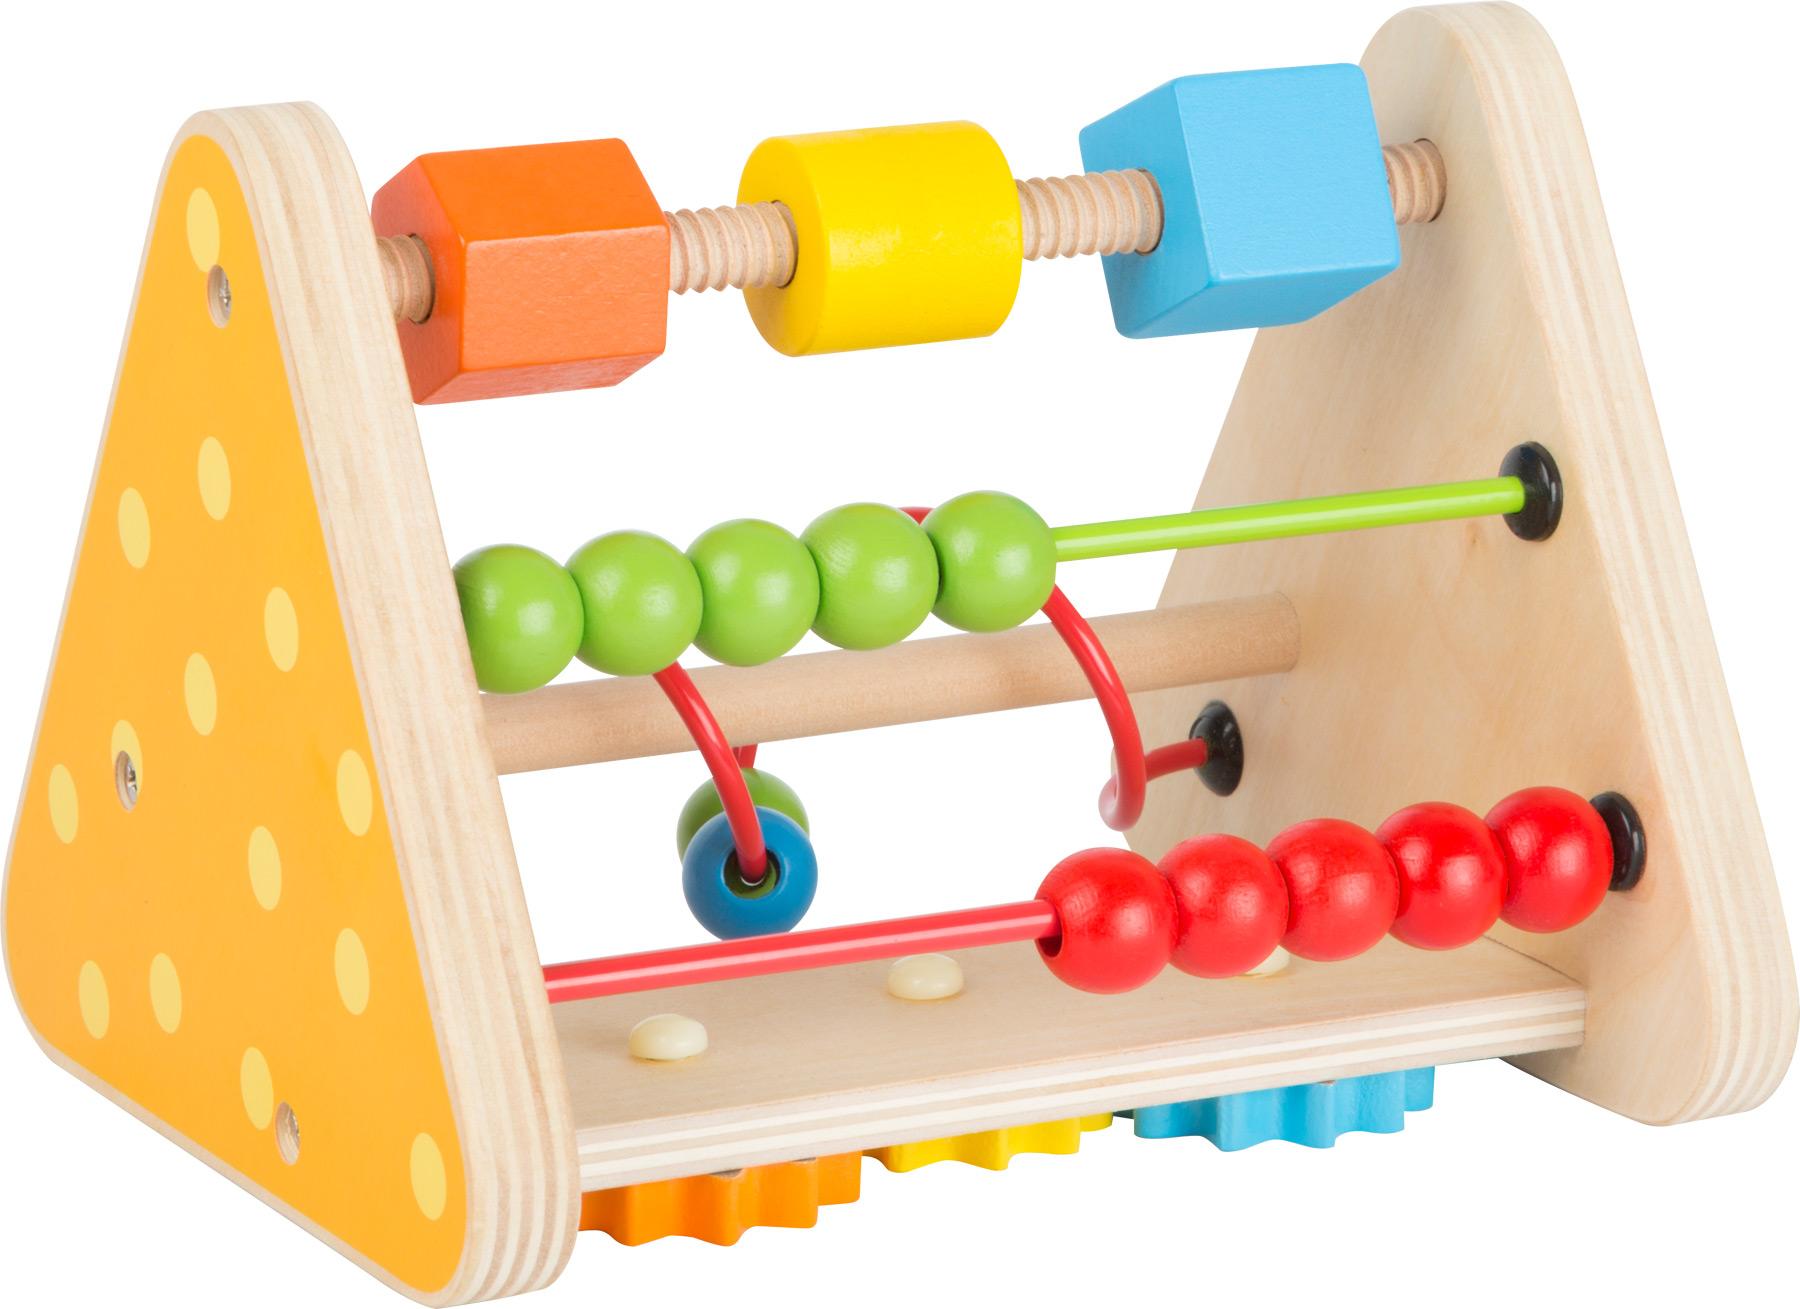 sch n holzspielzeug selber bauen baby tierspielzeug. Black Bedroom Furniture Sets. Home Design Ideas